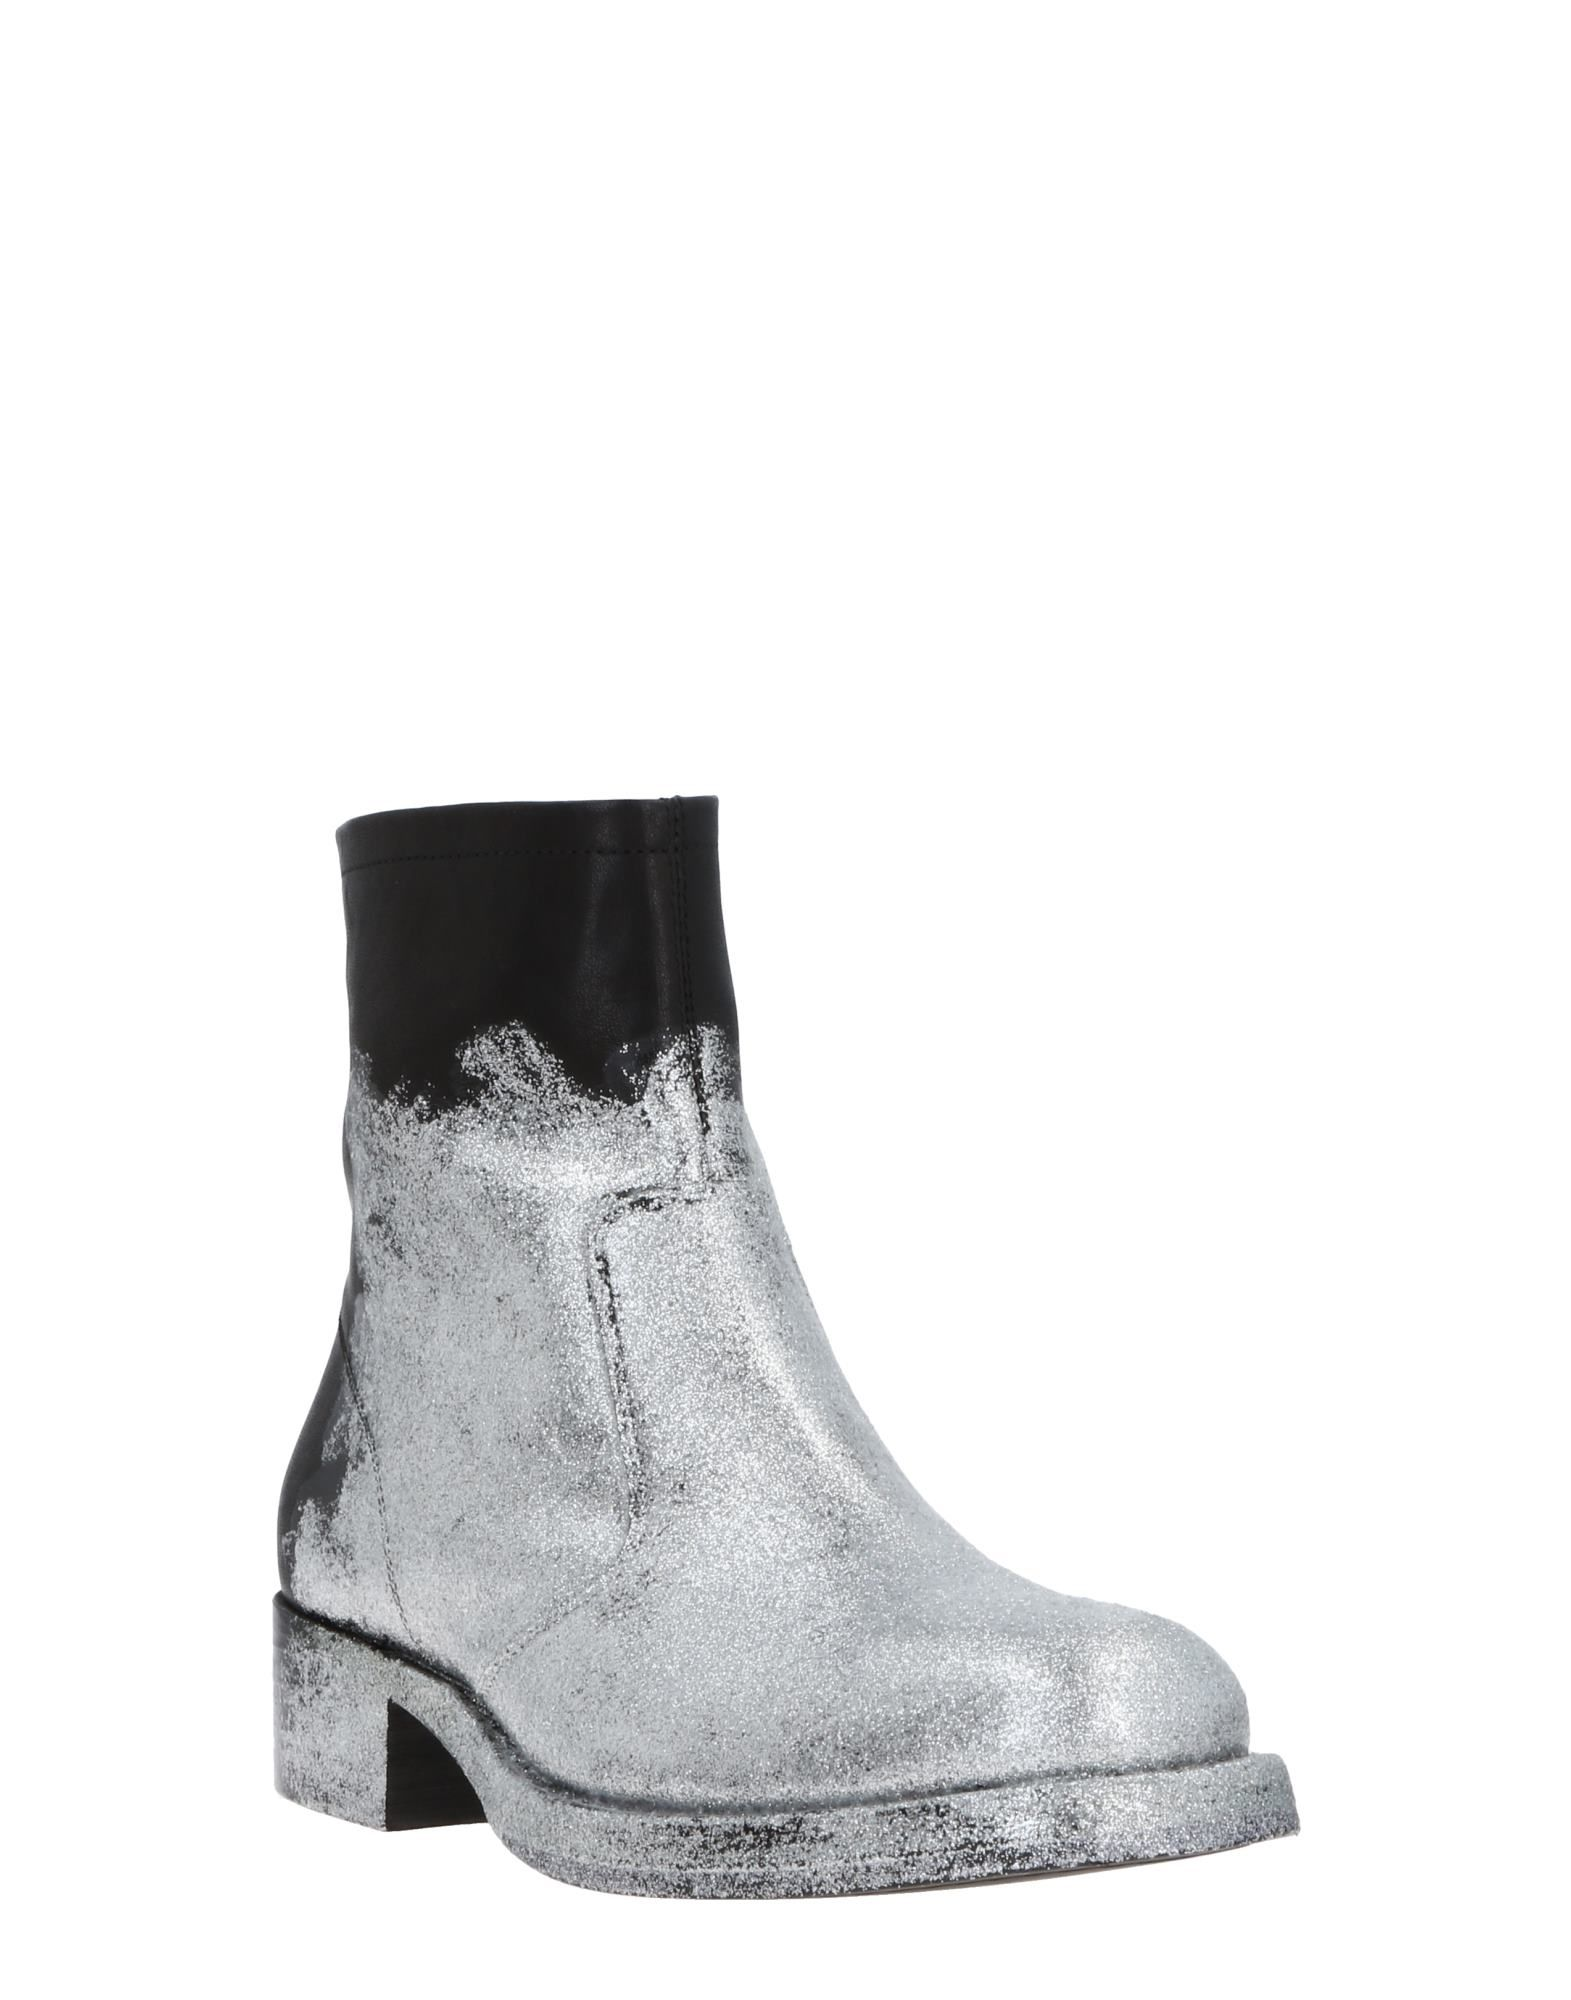 Maison Margiela Stiefelette Herren  11515854CS Gute Qualität beliebte Schuhe